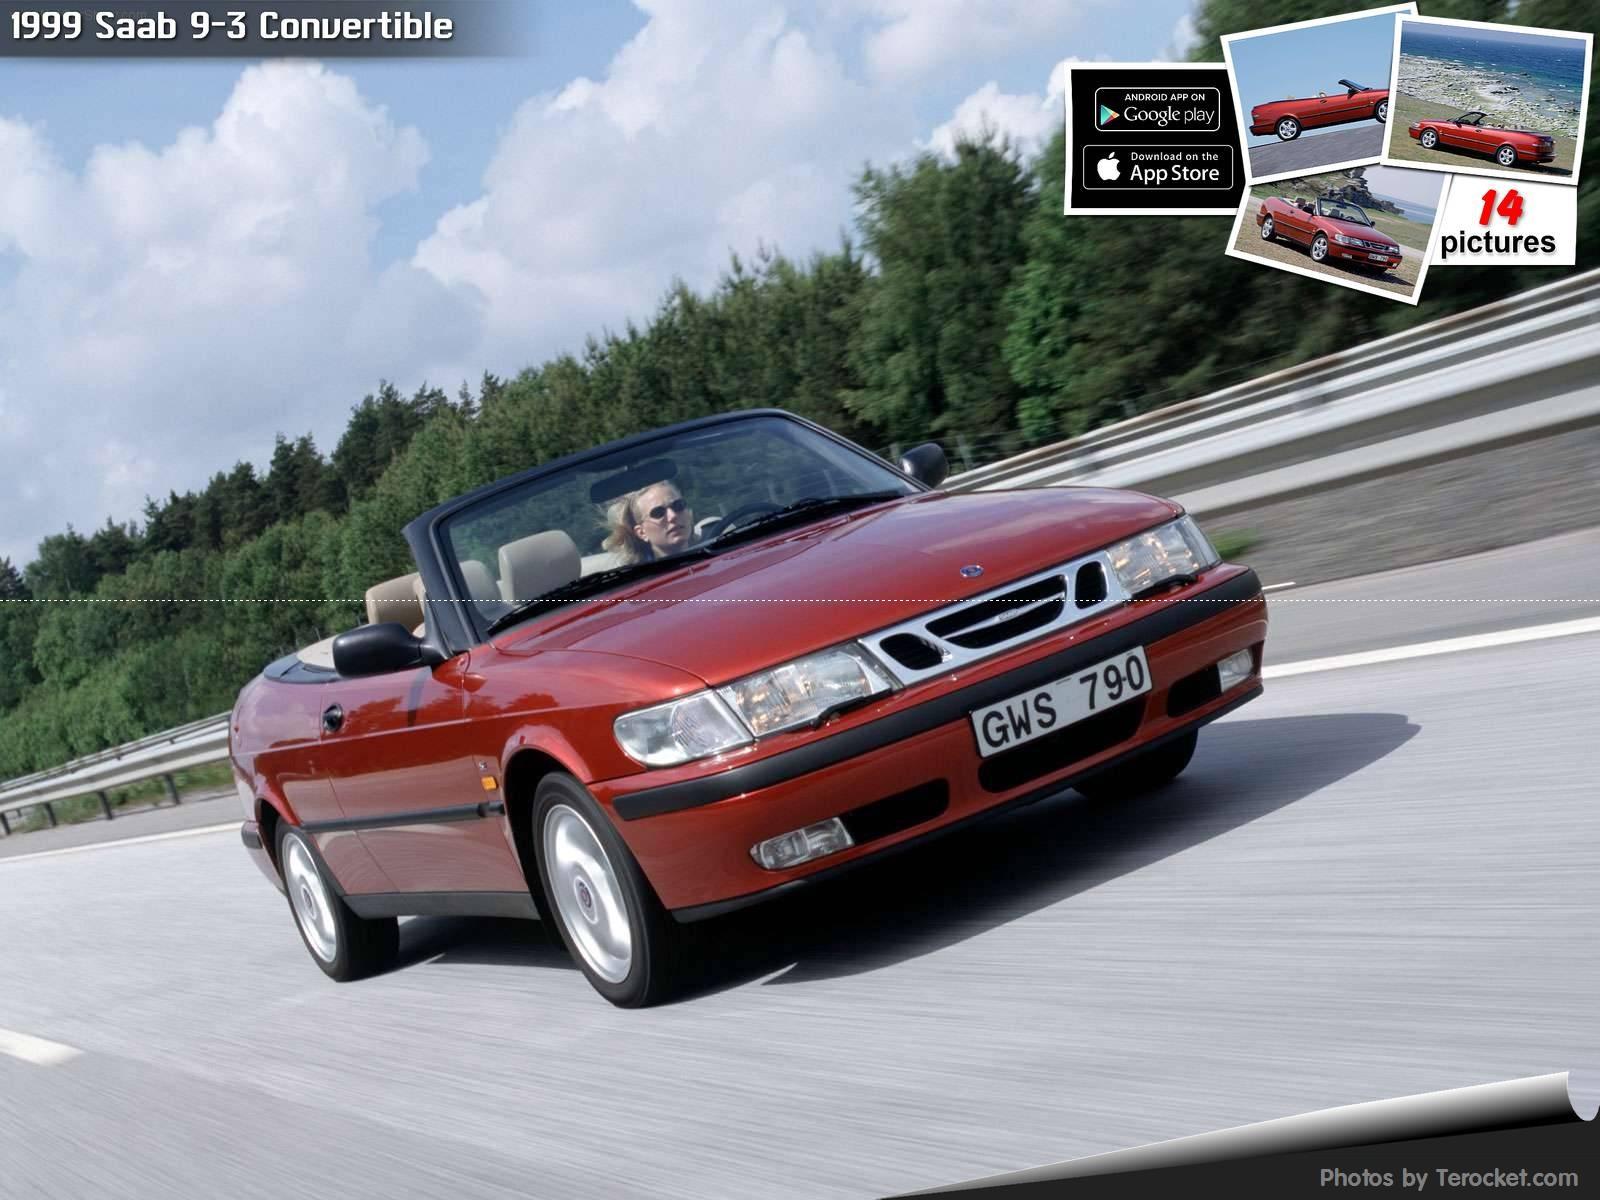 Hình ảnh xe ô tô Saab 9-3 Convertible 1999 & nội ngoại thất